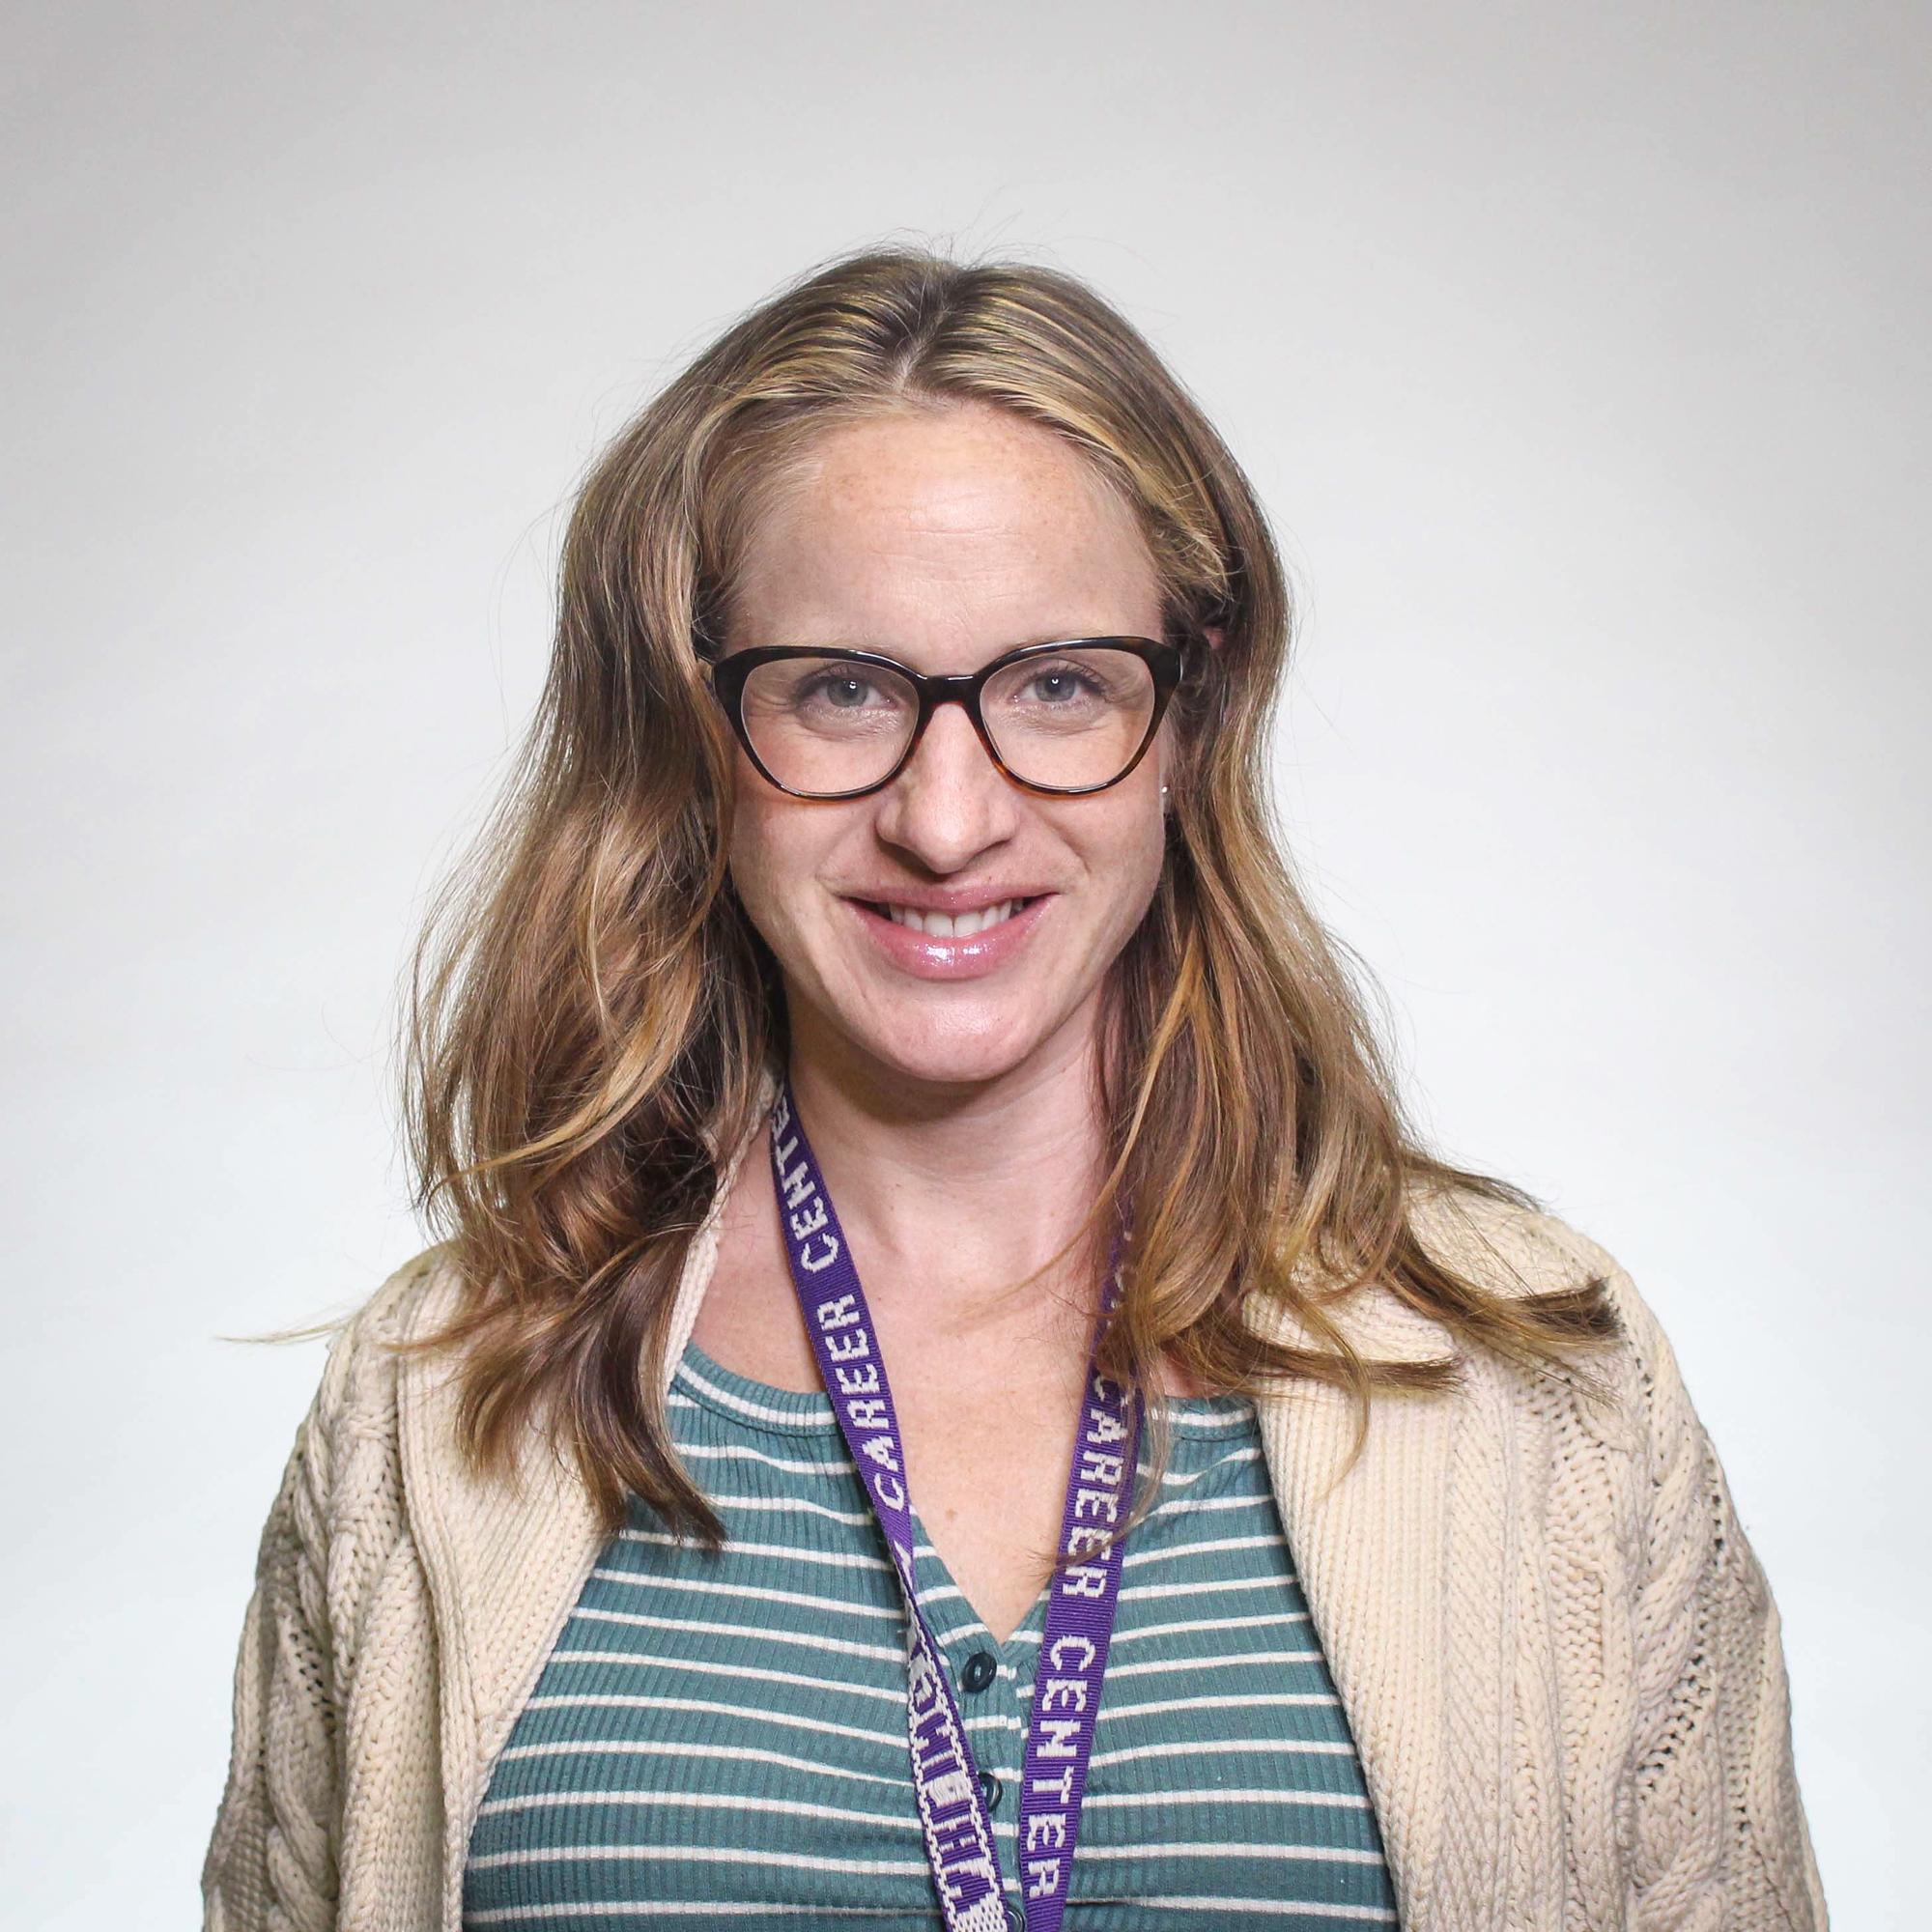 Ms. Sarah Hartley